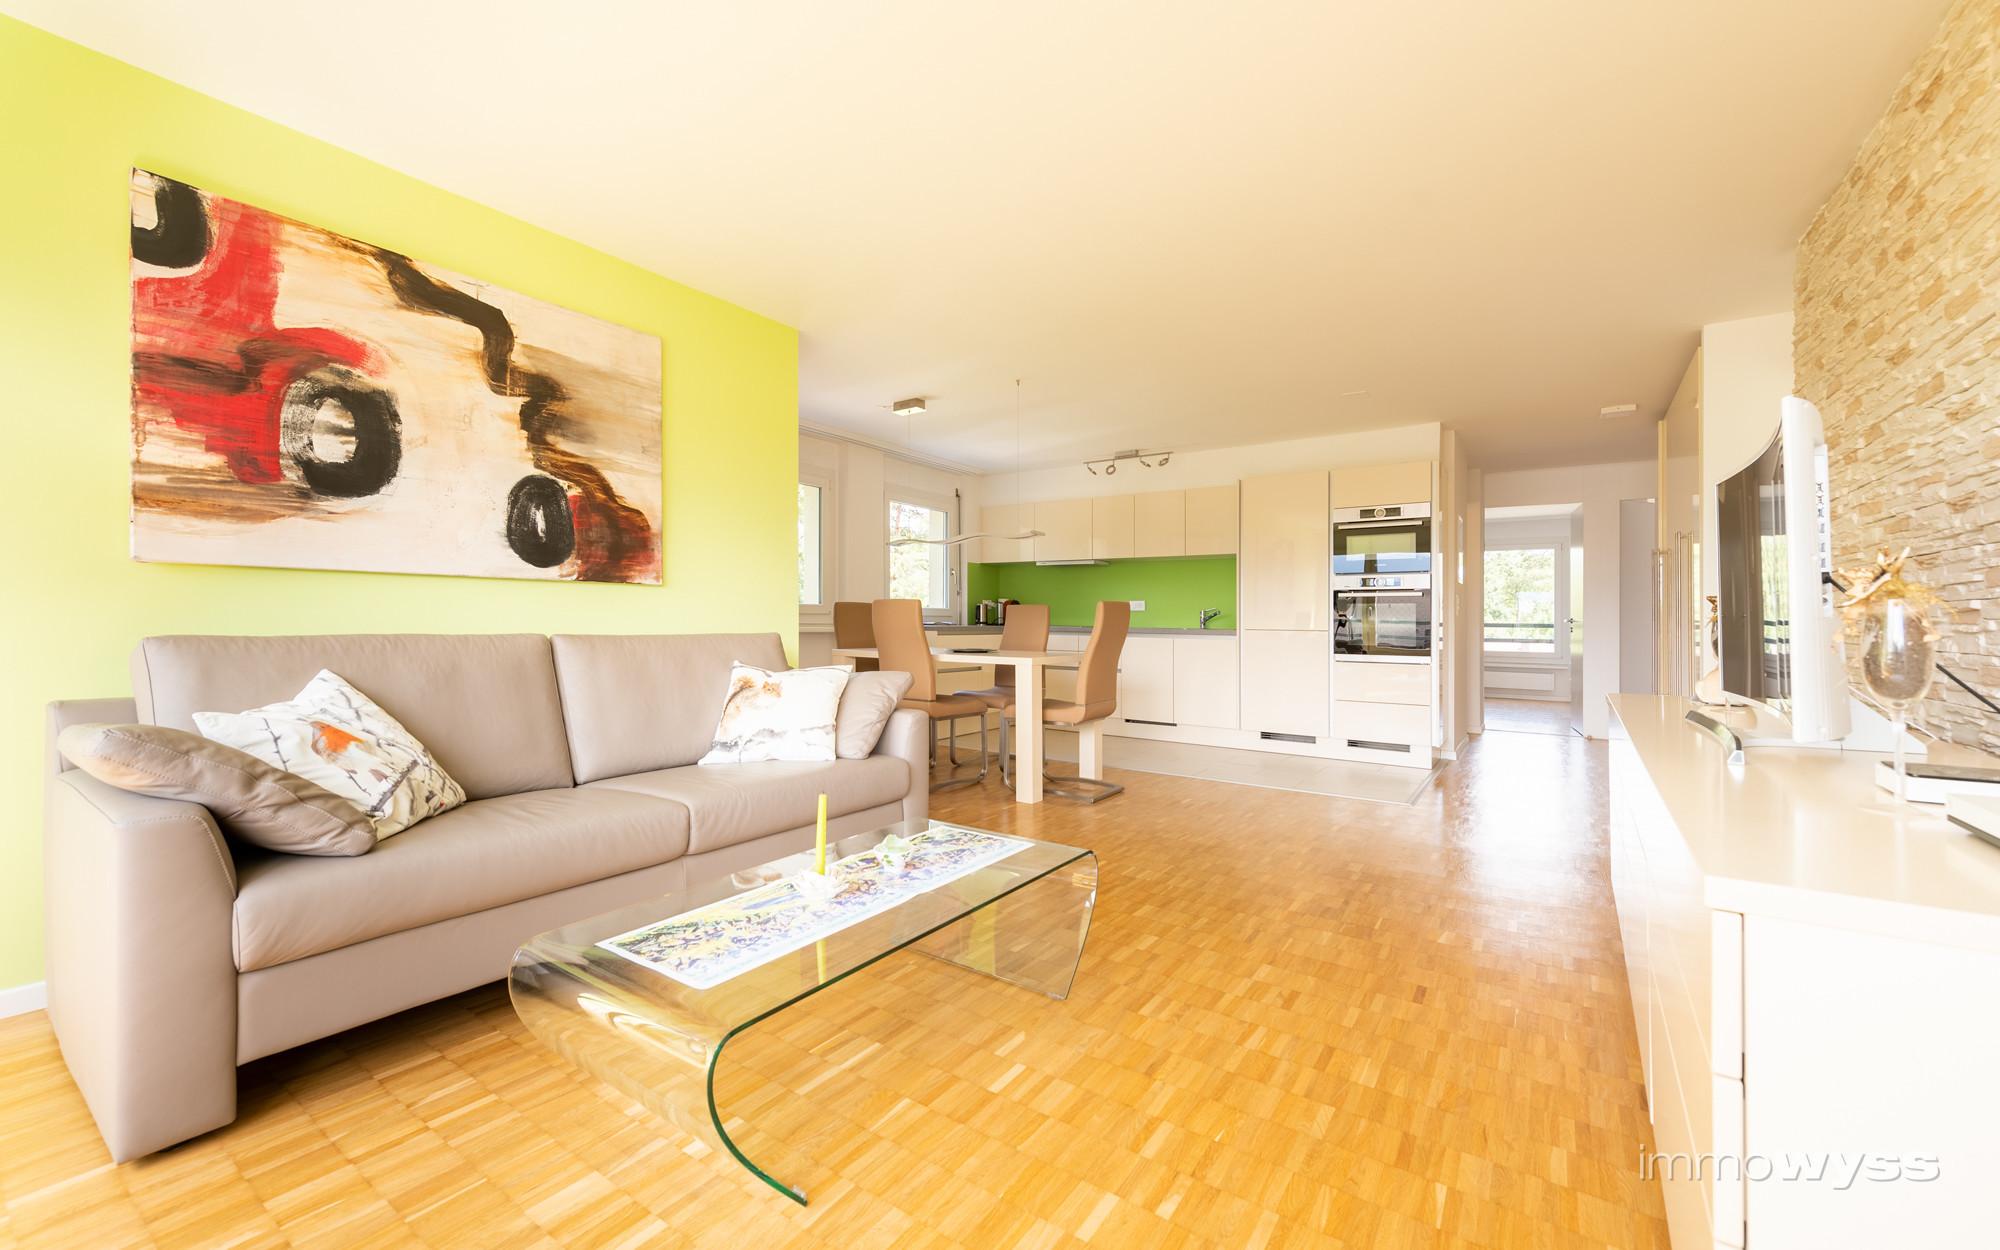 Wohnzimmer mit angrenzender Küche